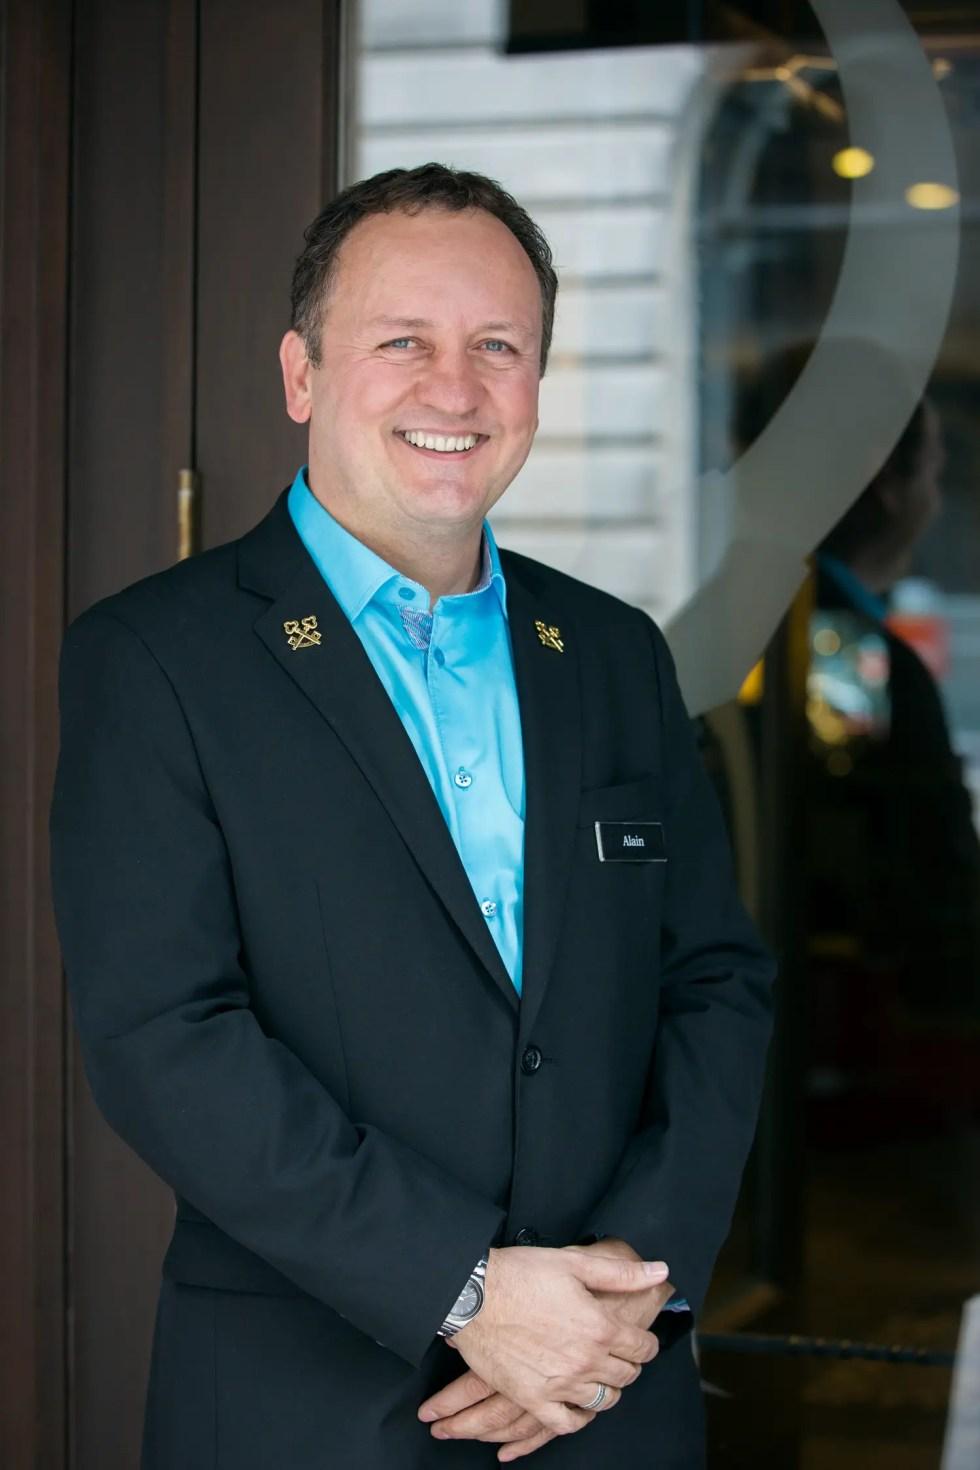 Alain Concierge